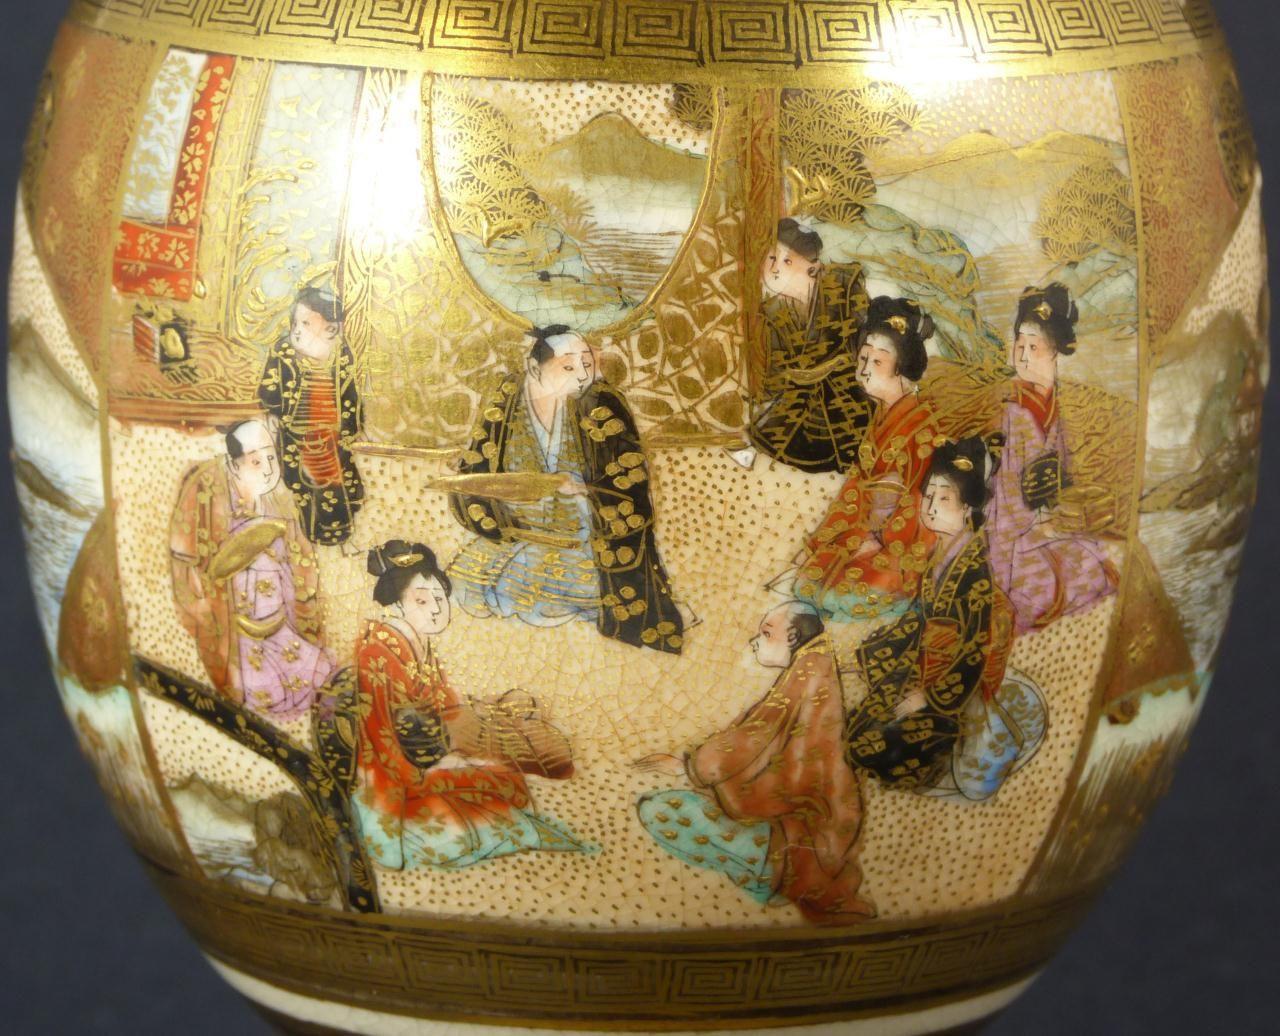 satsuma vase made in china of detail from hand painted satsuma porcelain vase beautiful satsuma with detail from hand painted satsuma porcelain vase